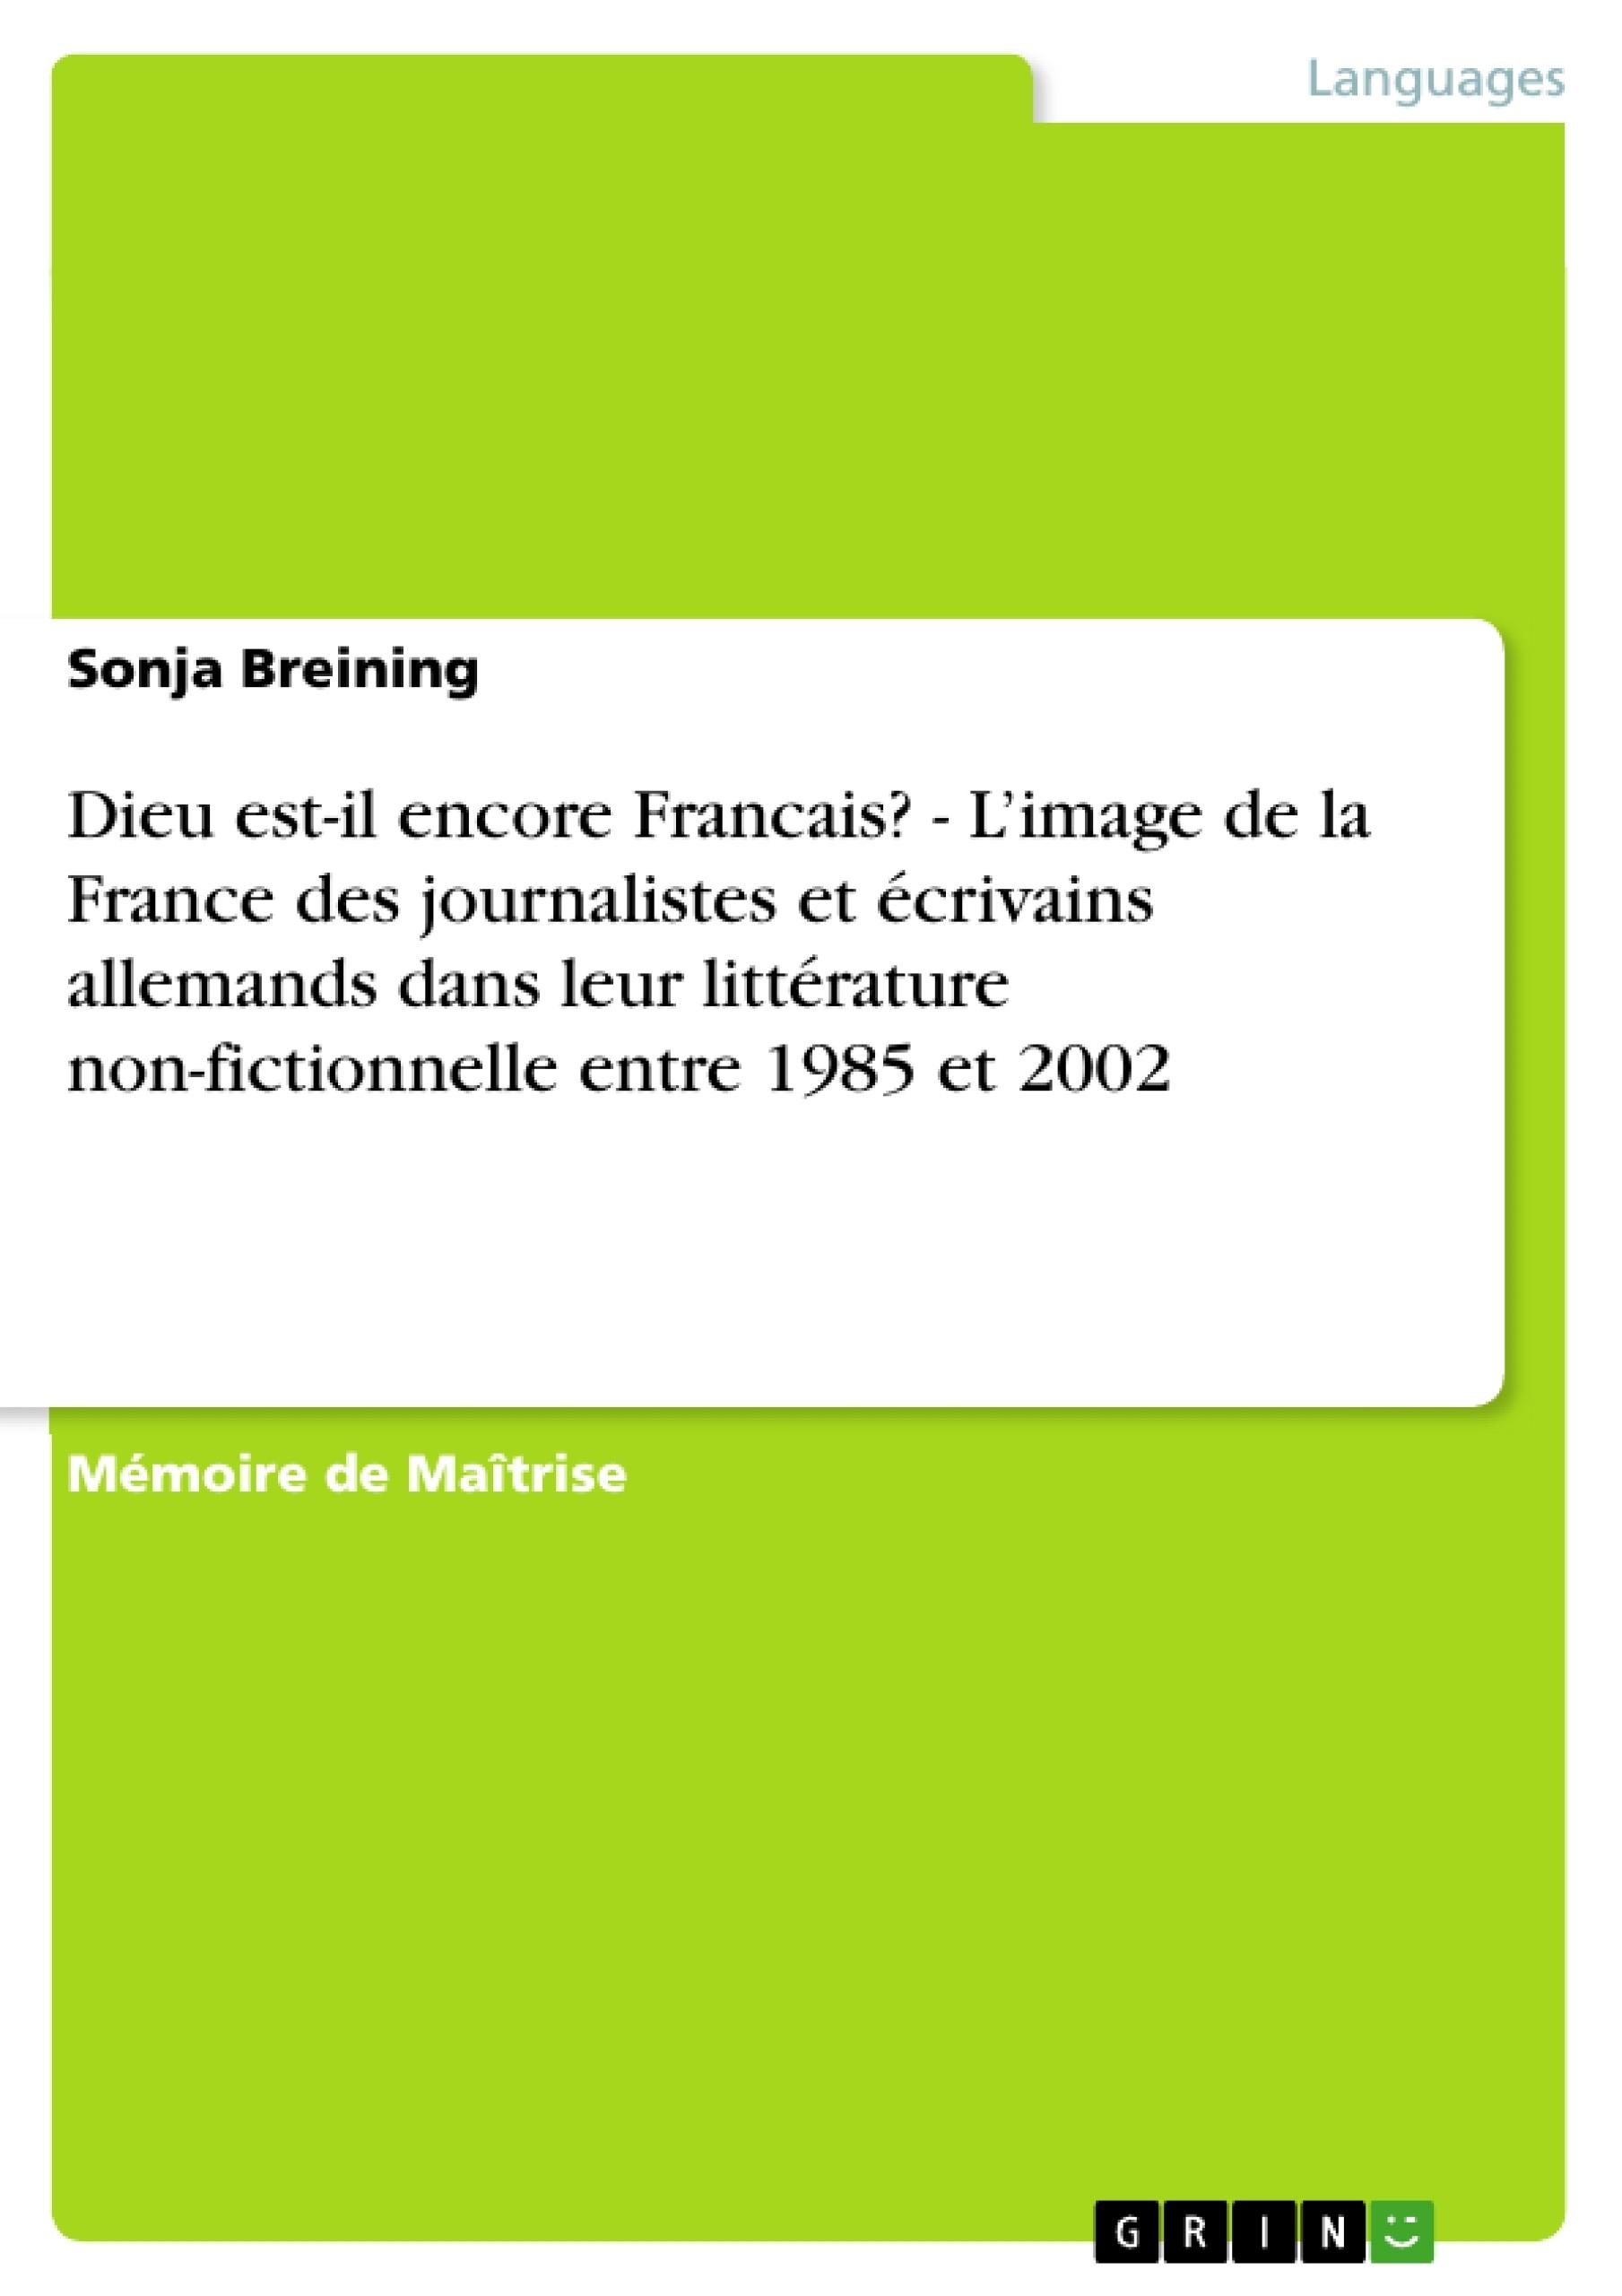 Titre: Dieu est-il encore Francais? - L'image de la France des journalistes et écrivains allemands dans leur littérature non-fictionnelle entre 1985 et 2002